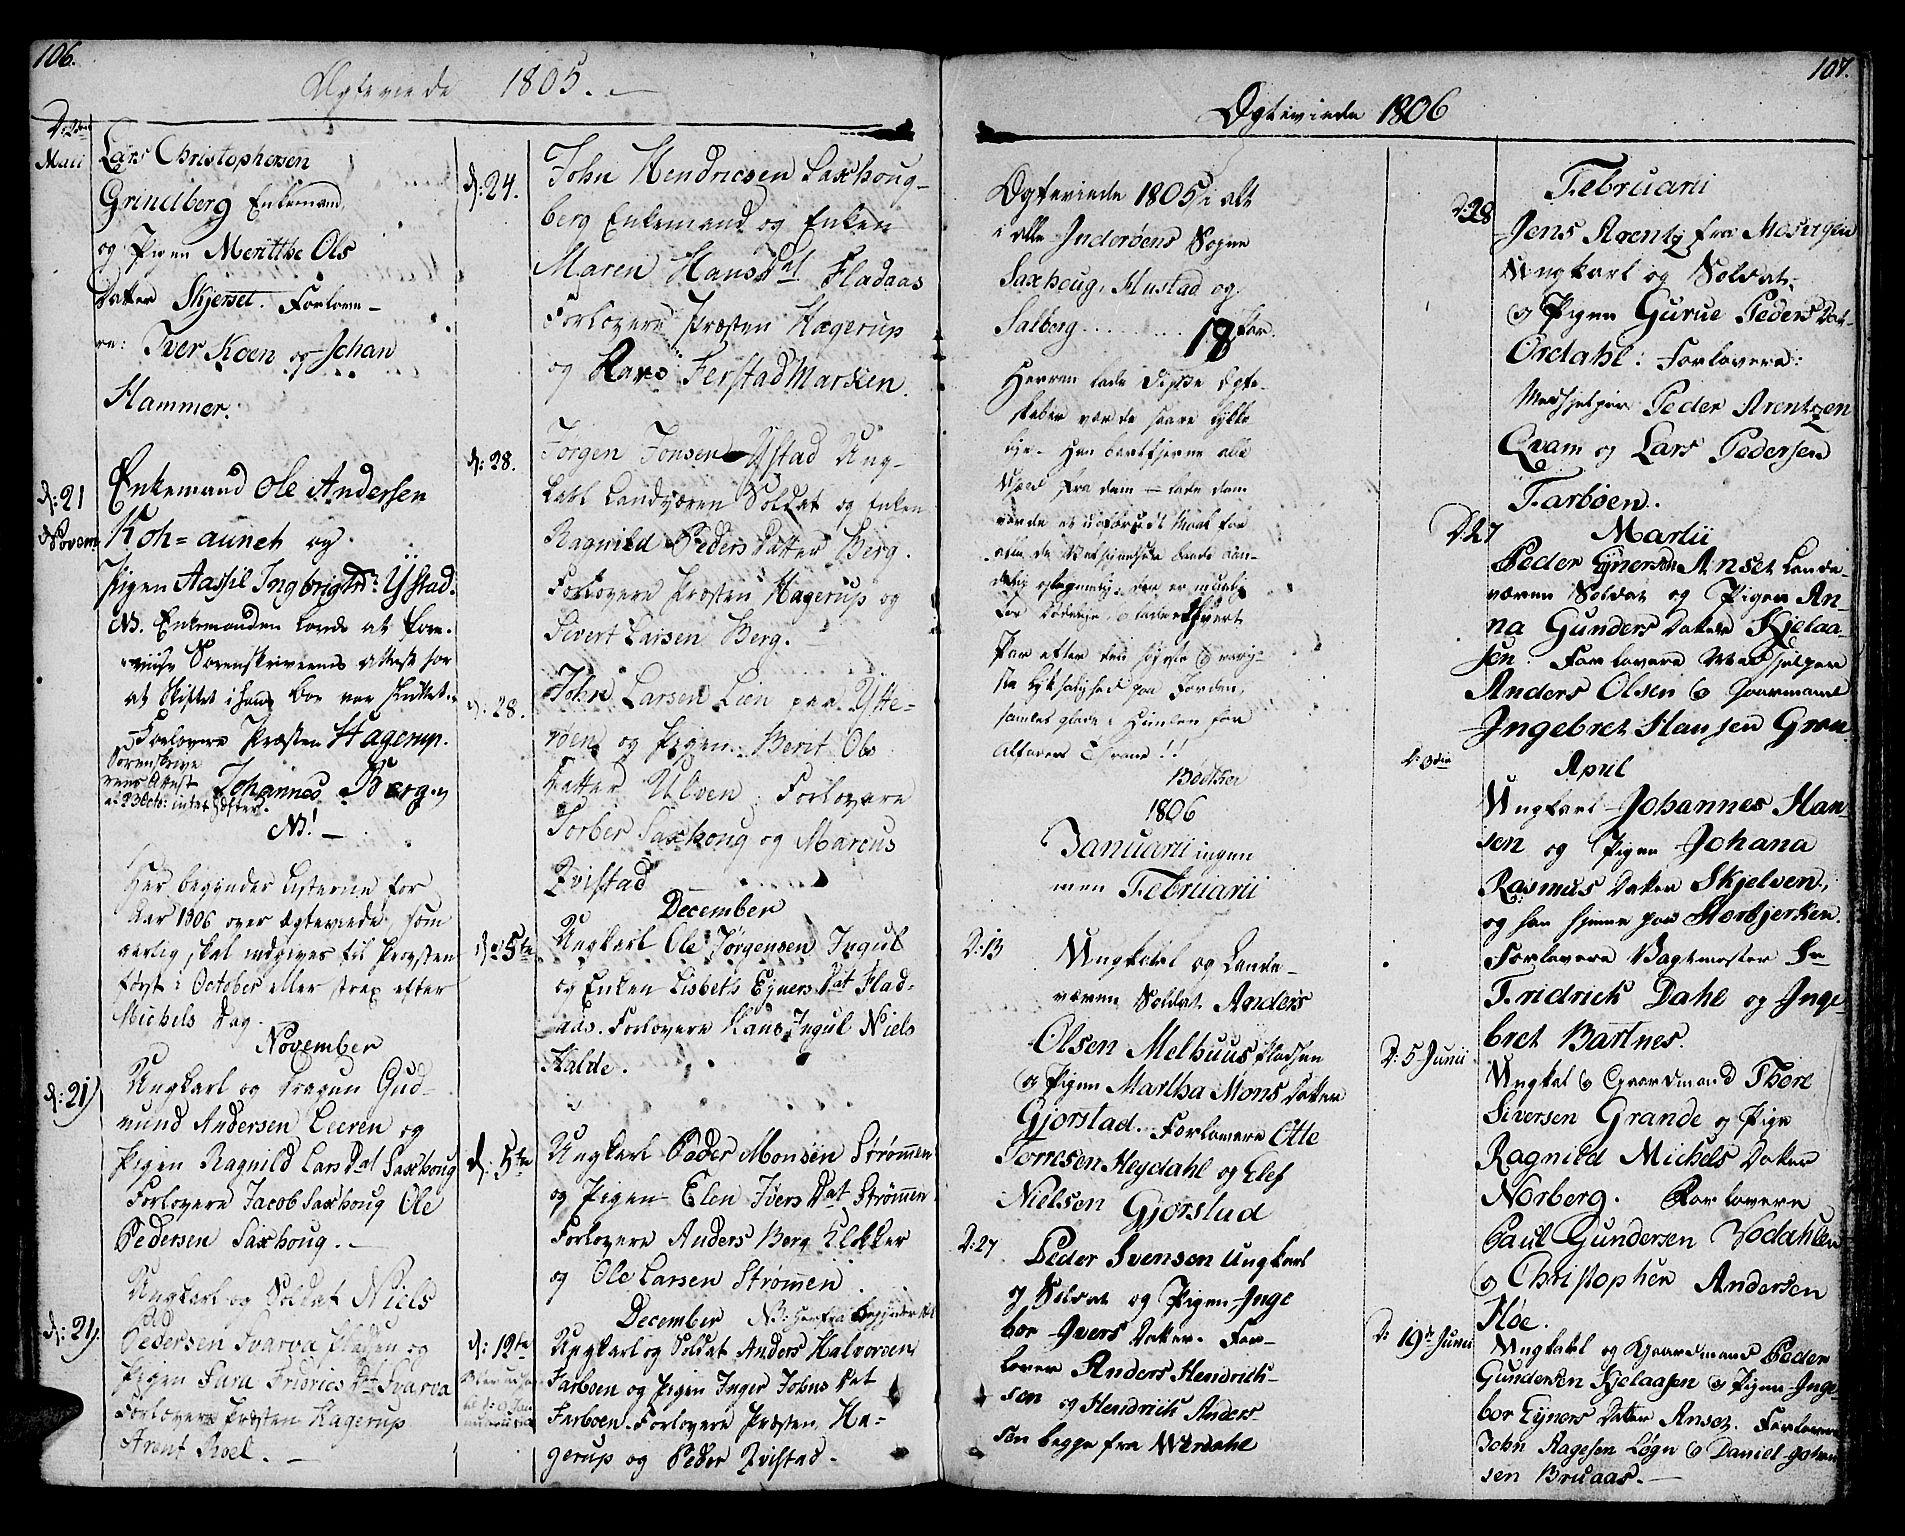 SAT, Ministerialprotokoller, klokkerbøker og fødselsregistre - Nord-Trøndelag, 730/L0274: Ministerialbok nr. 730A03, 1802-1816, s. 106-107